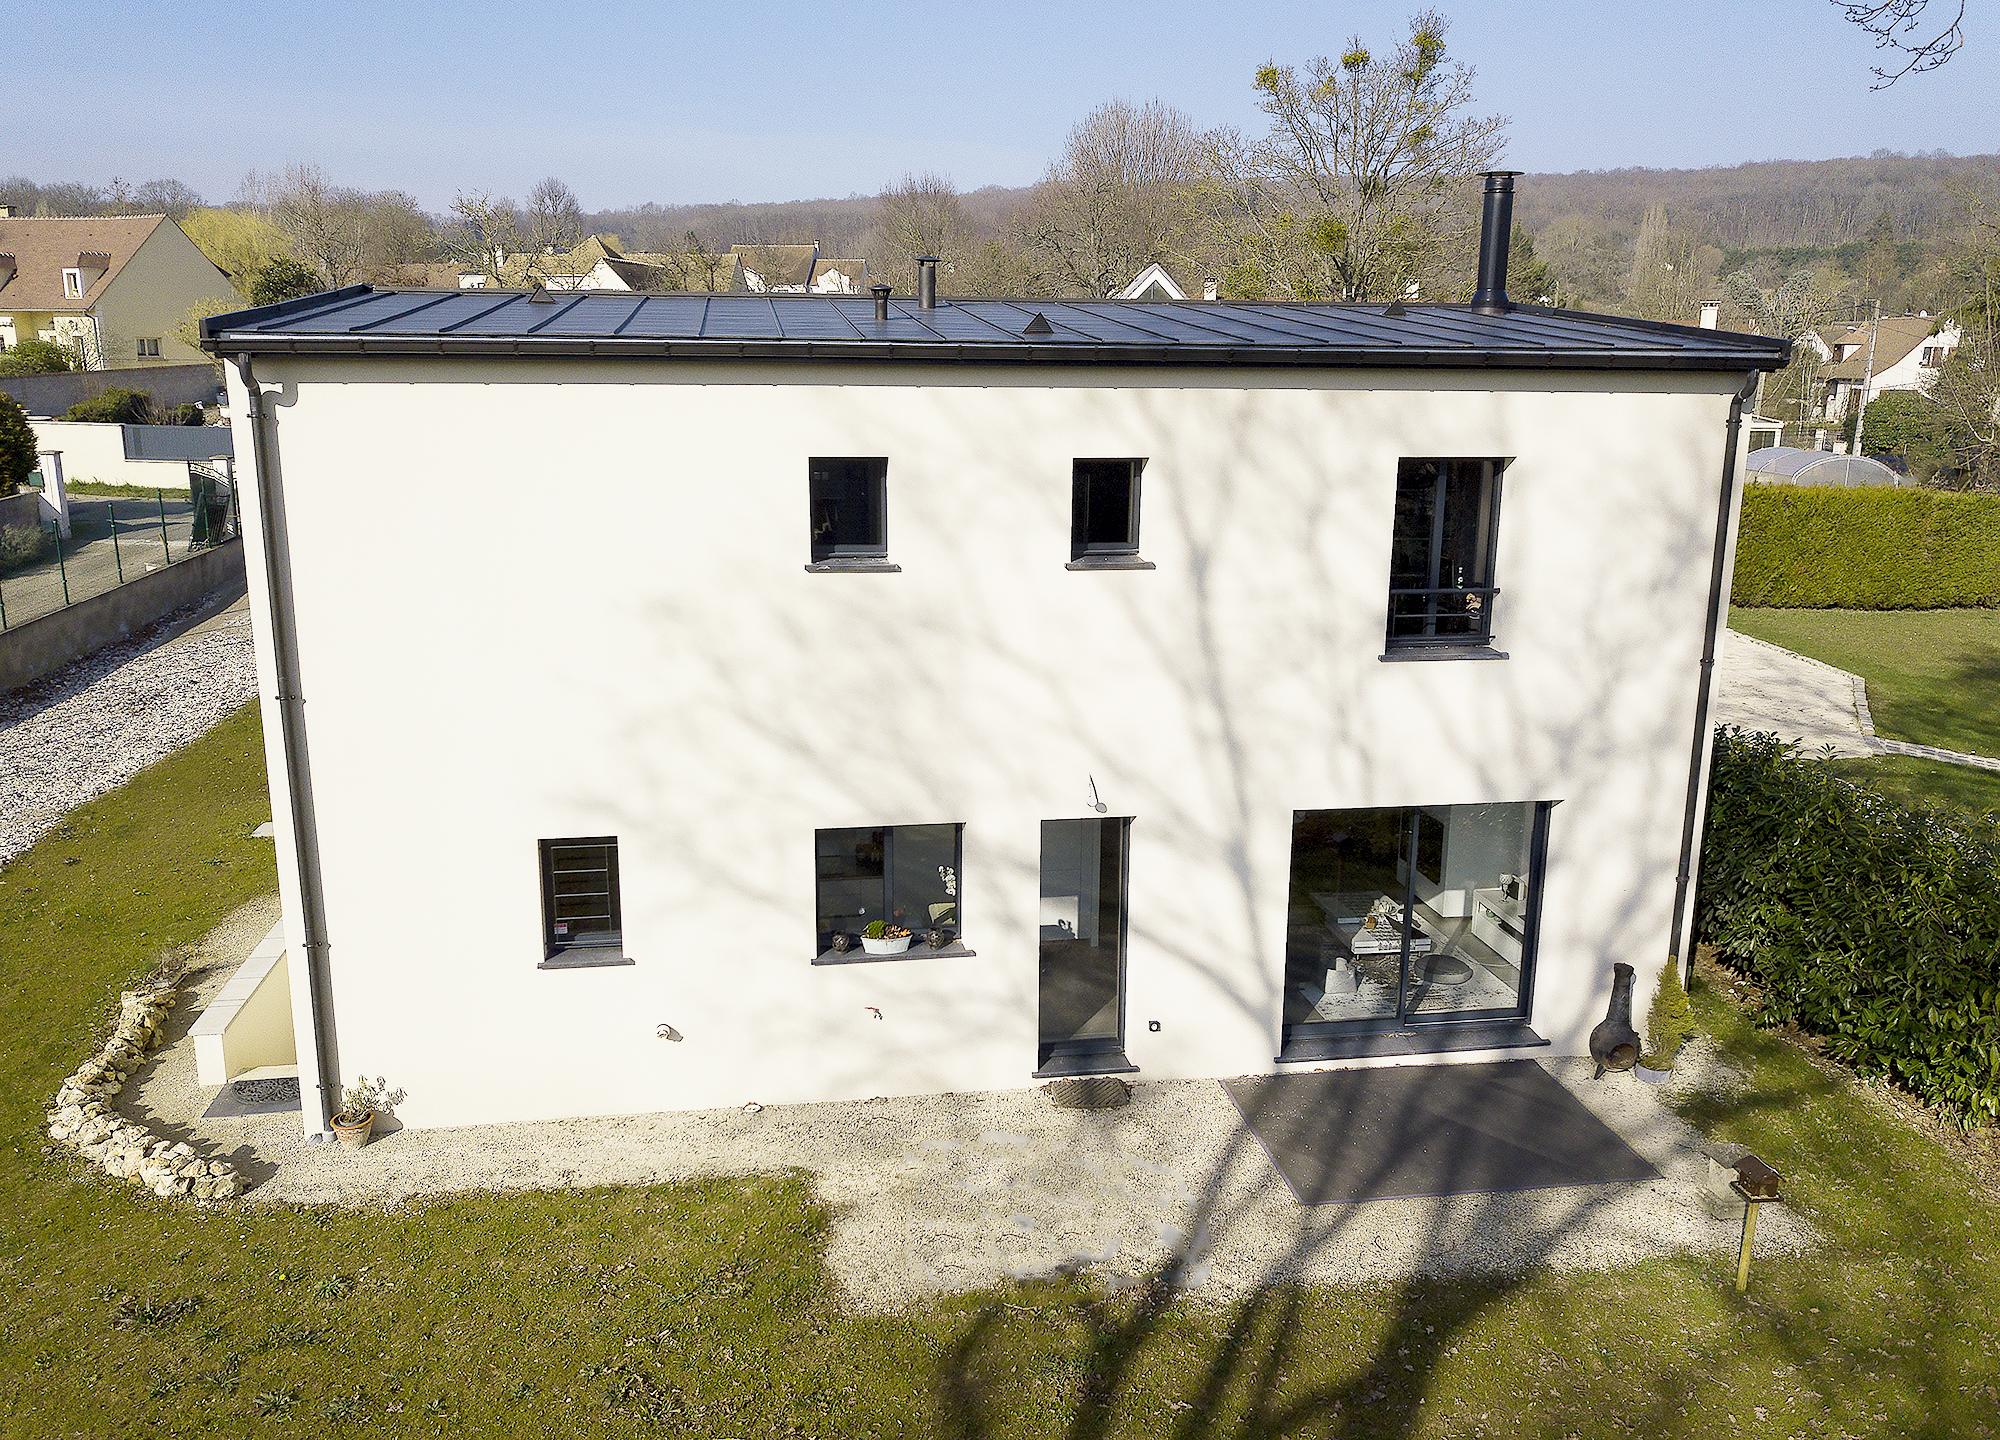 réalisation - Vaux-sur-Seine (78)